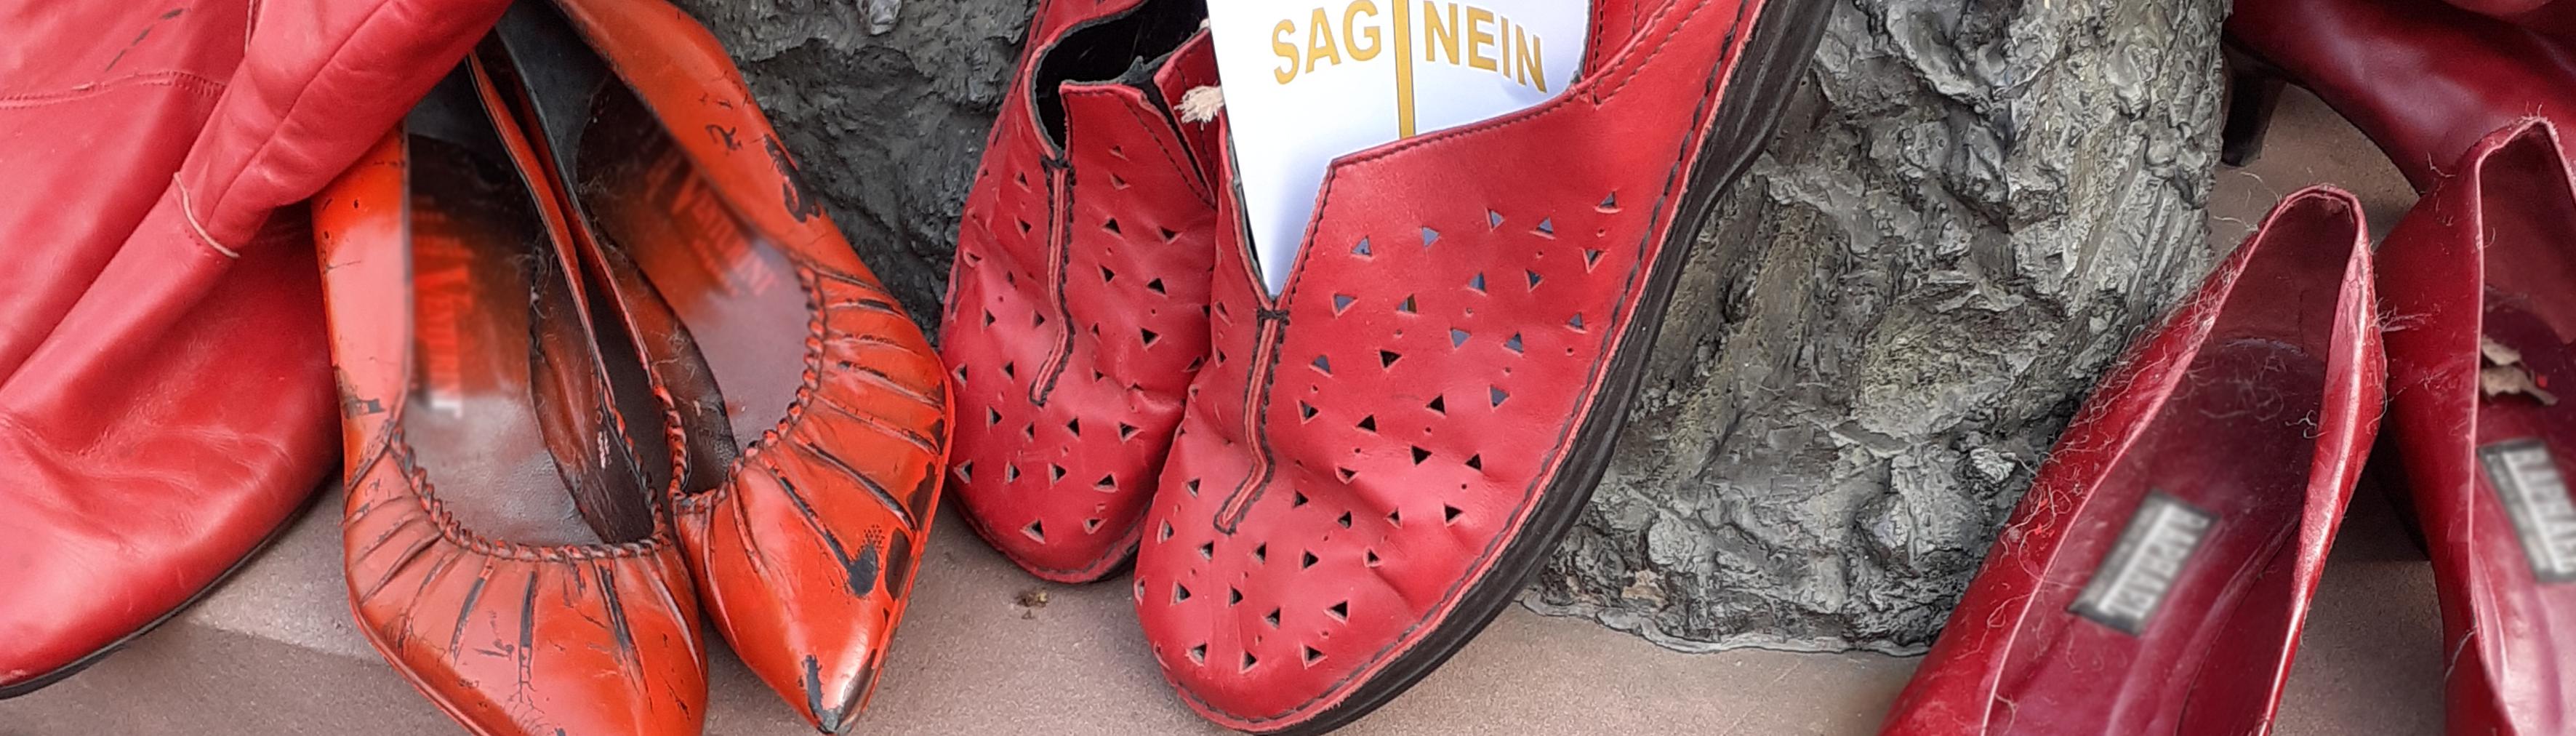 © Ruth Syren - Rote Schuh Aktion 2020, ZONTA Weinheim e.V.